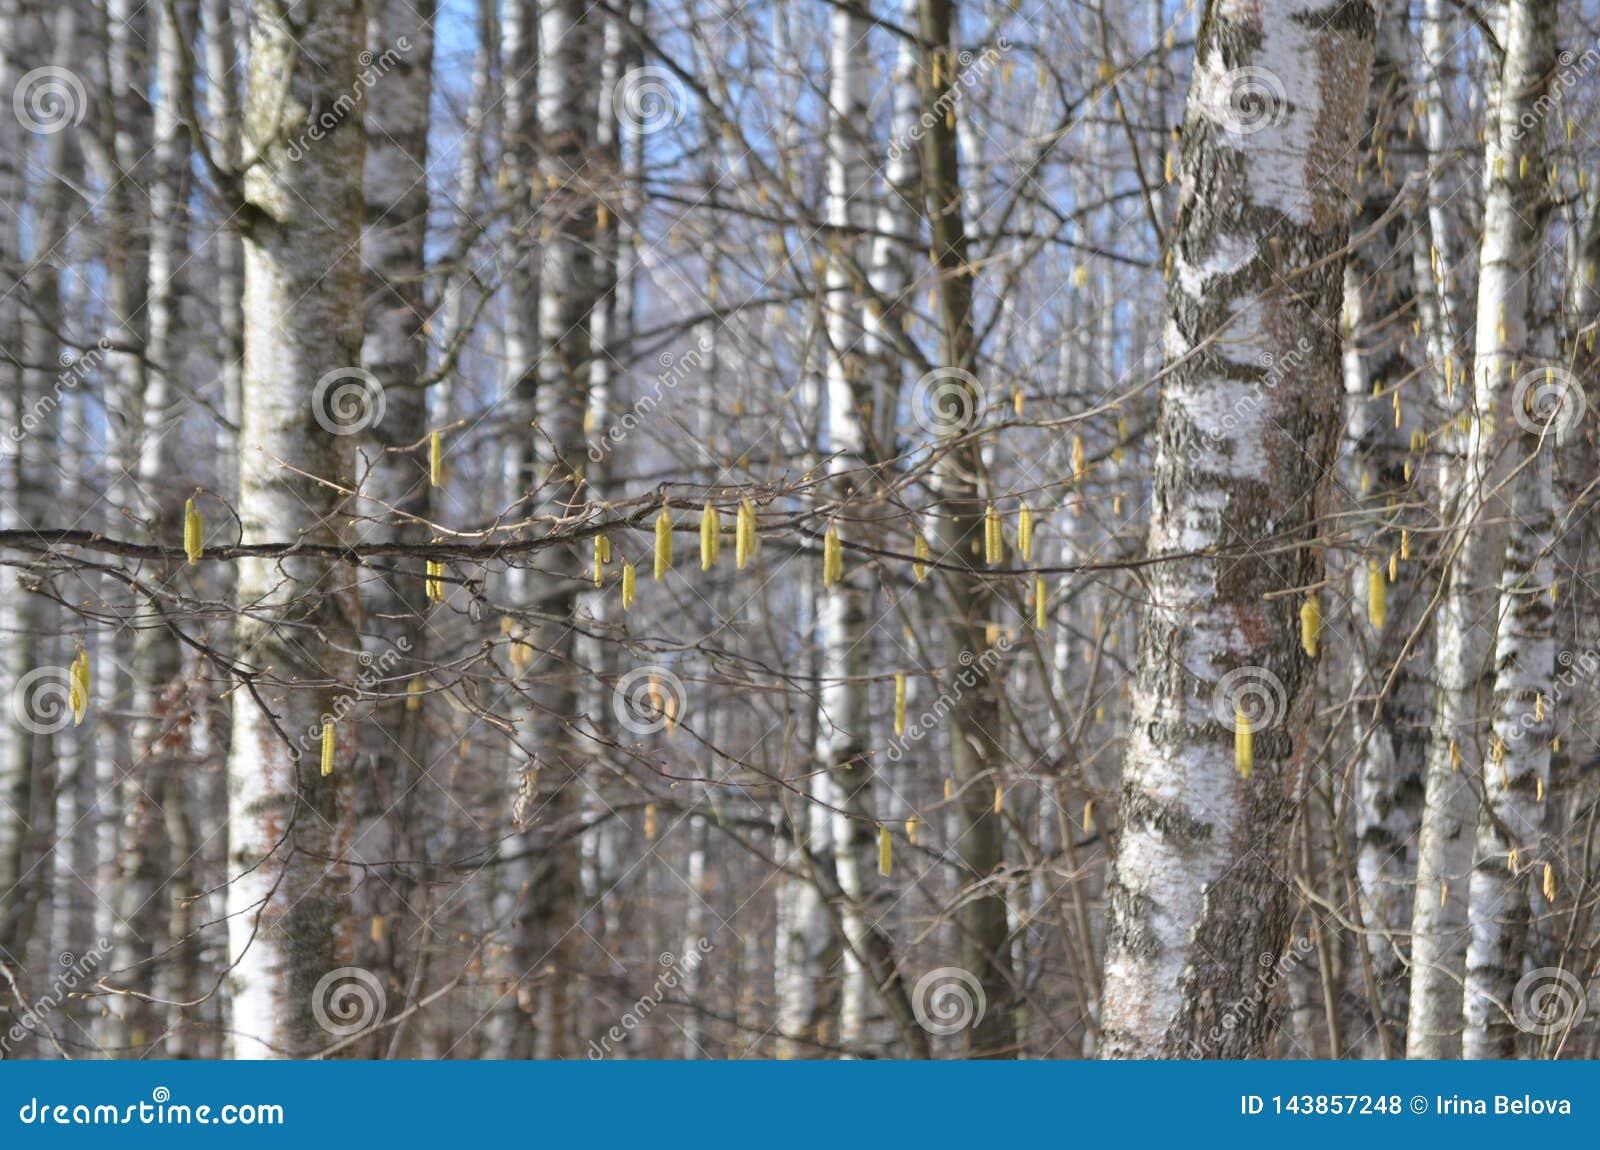 Los árboles tienen sus propias decoraciones